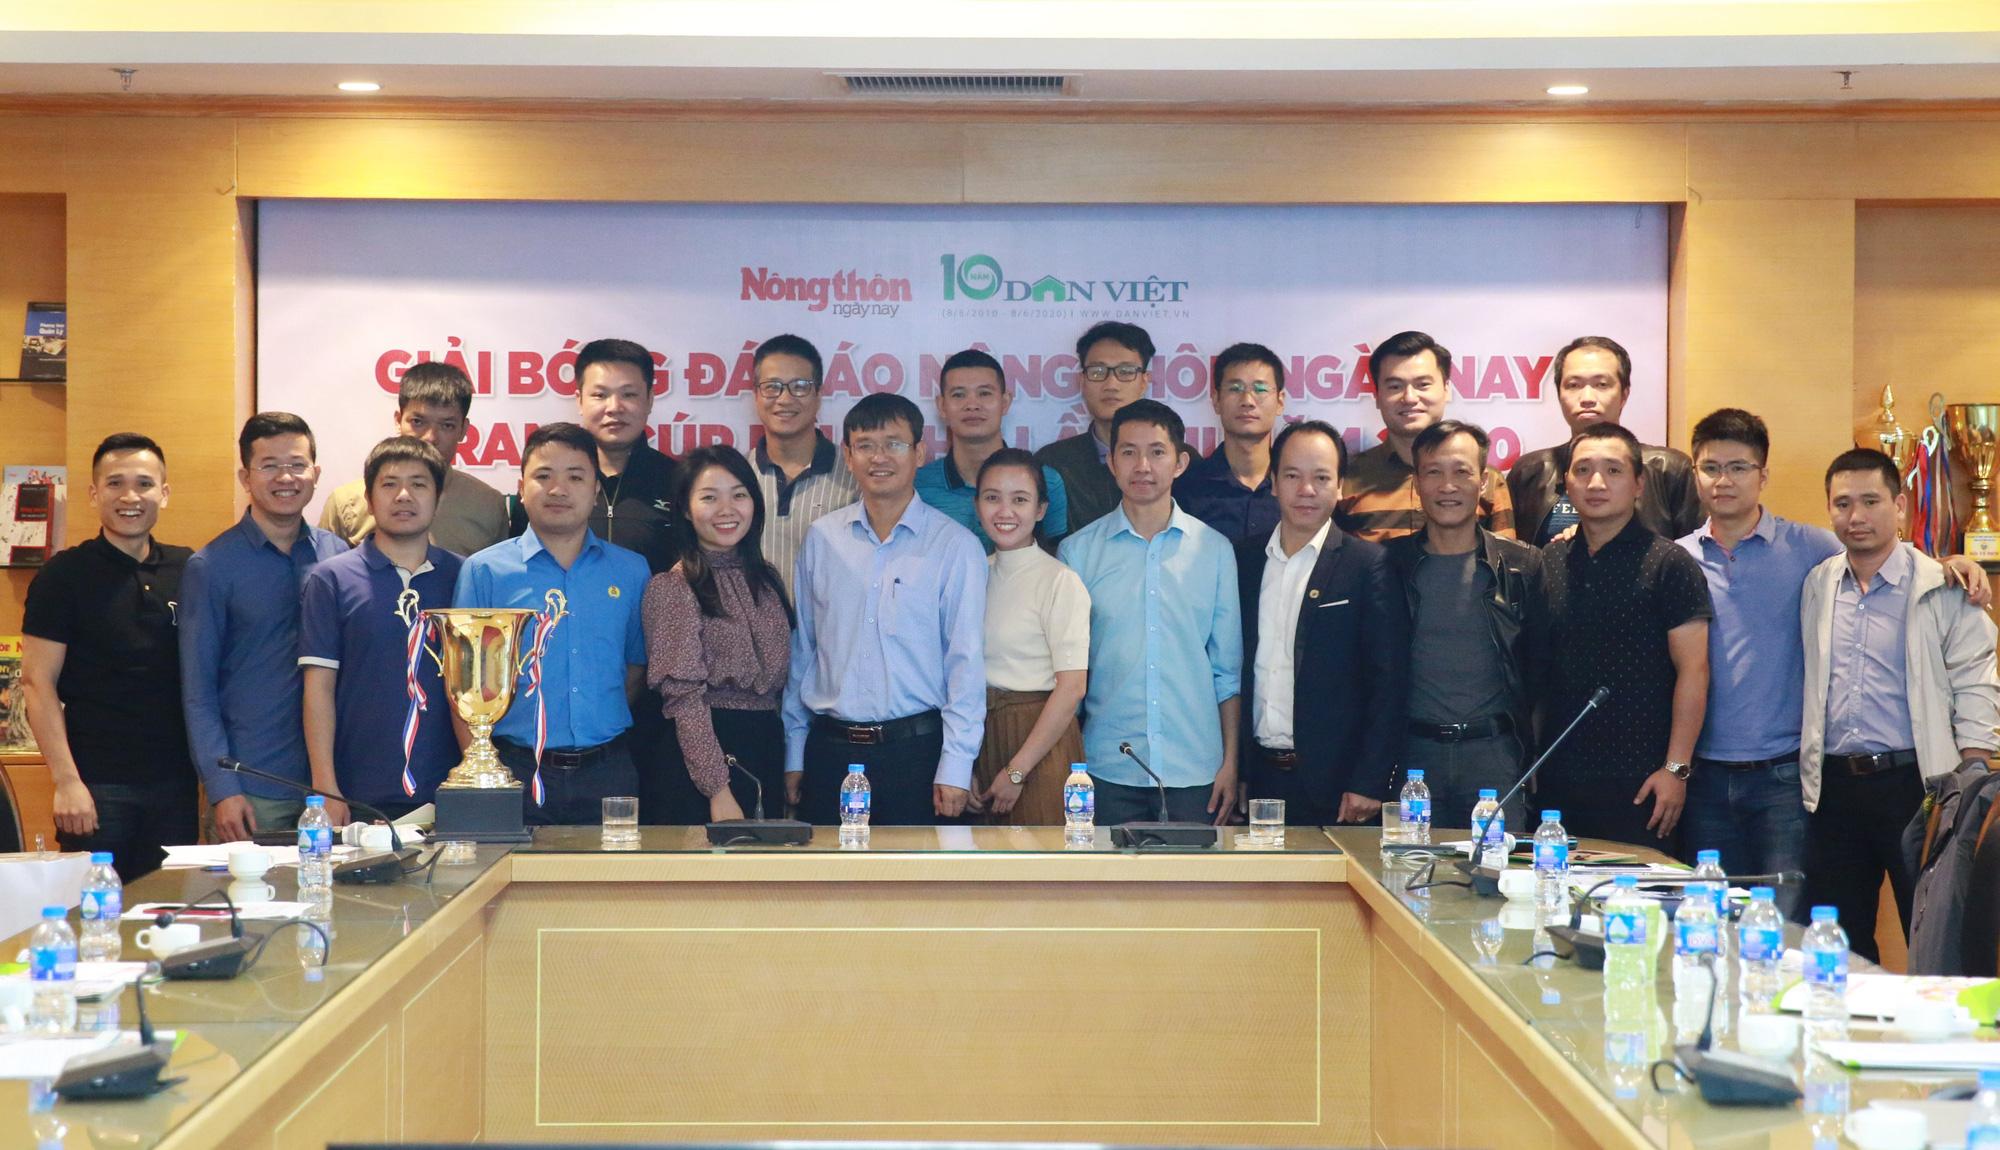 Tất cả các cầu thủ, đội bóng dự Giải bóng đá Nông thôn Ngày nay/Dân Việt 2020 sẽ cùng chung tay hướng về miền Trung. Ảnh: Lê Hiếu